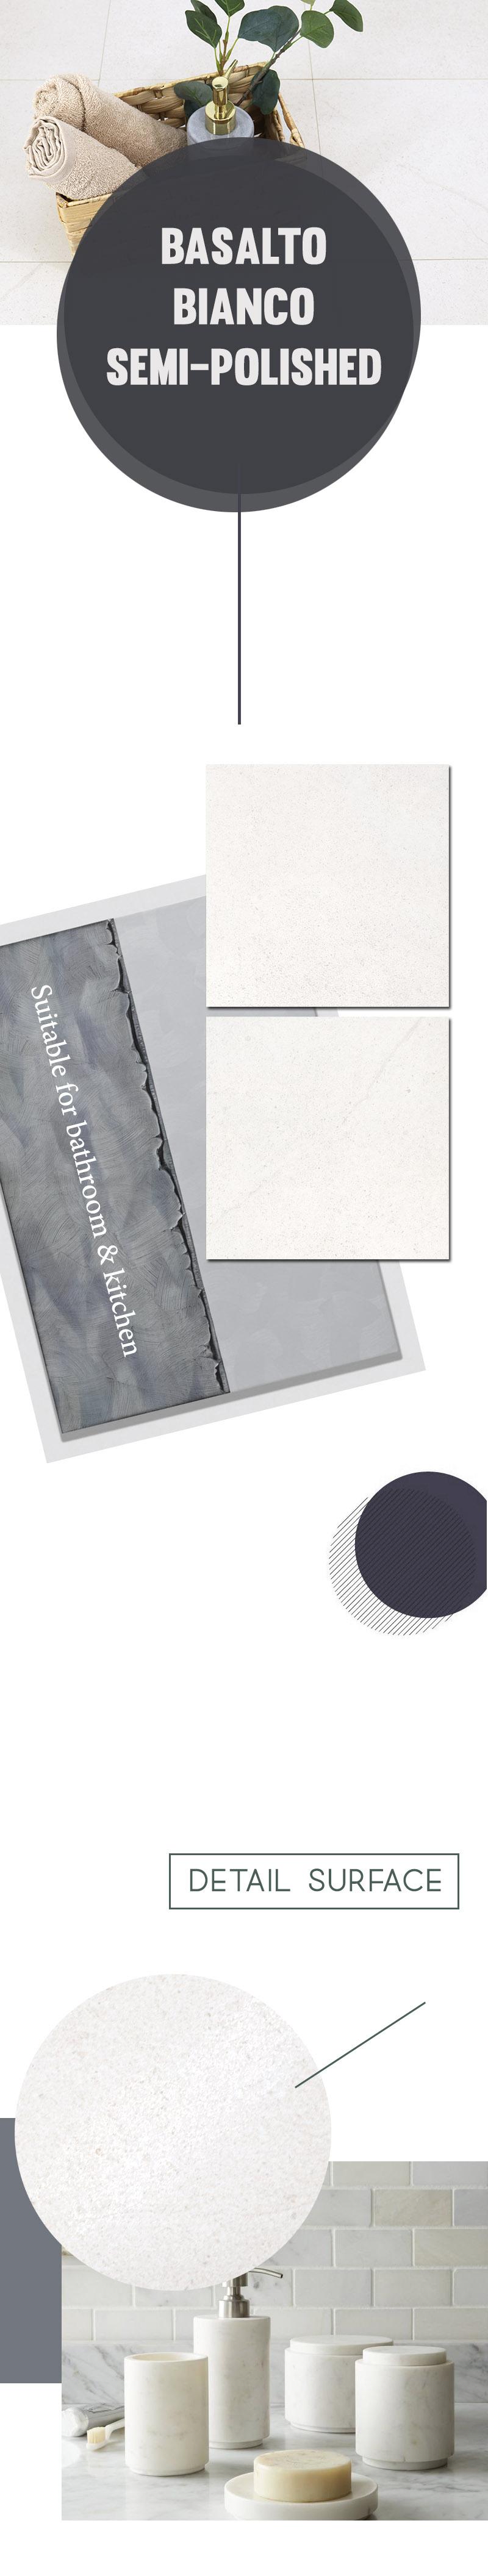 Basalto Bianco lap 3x3 web page